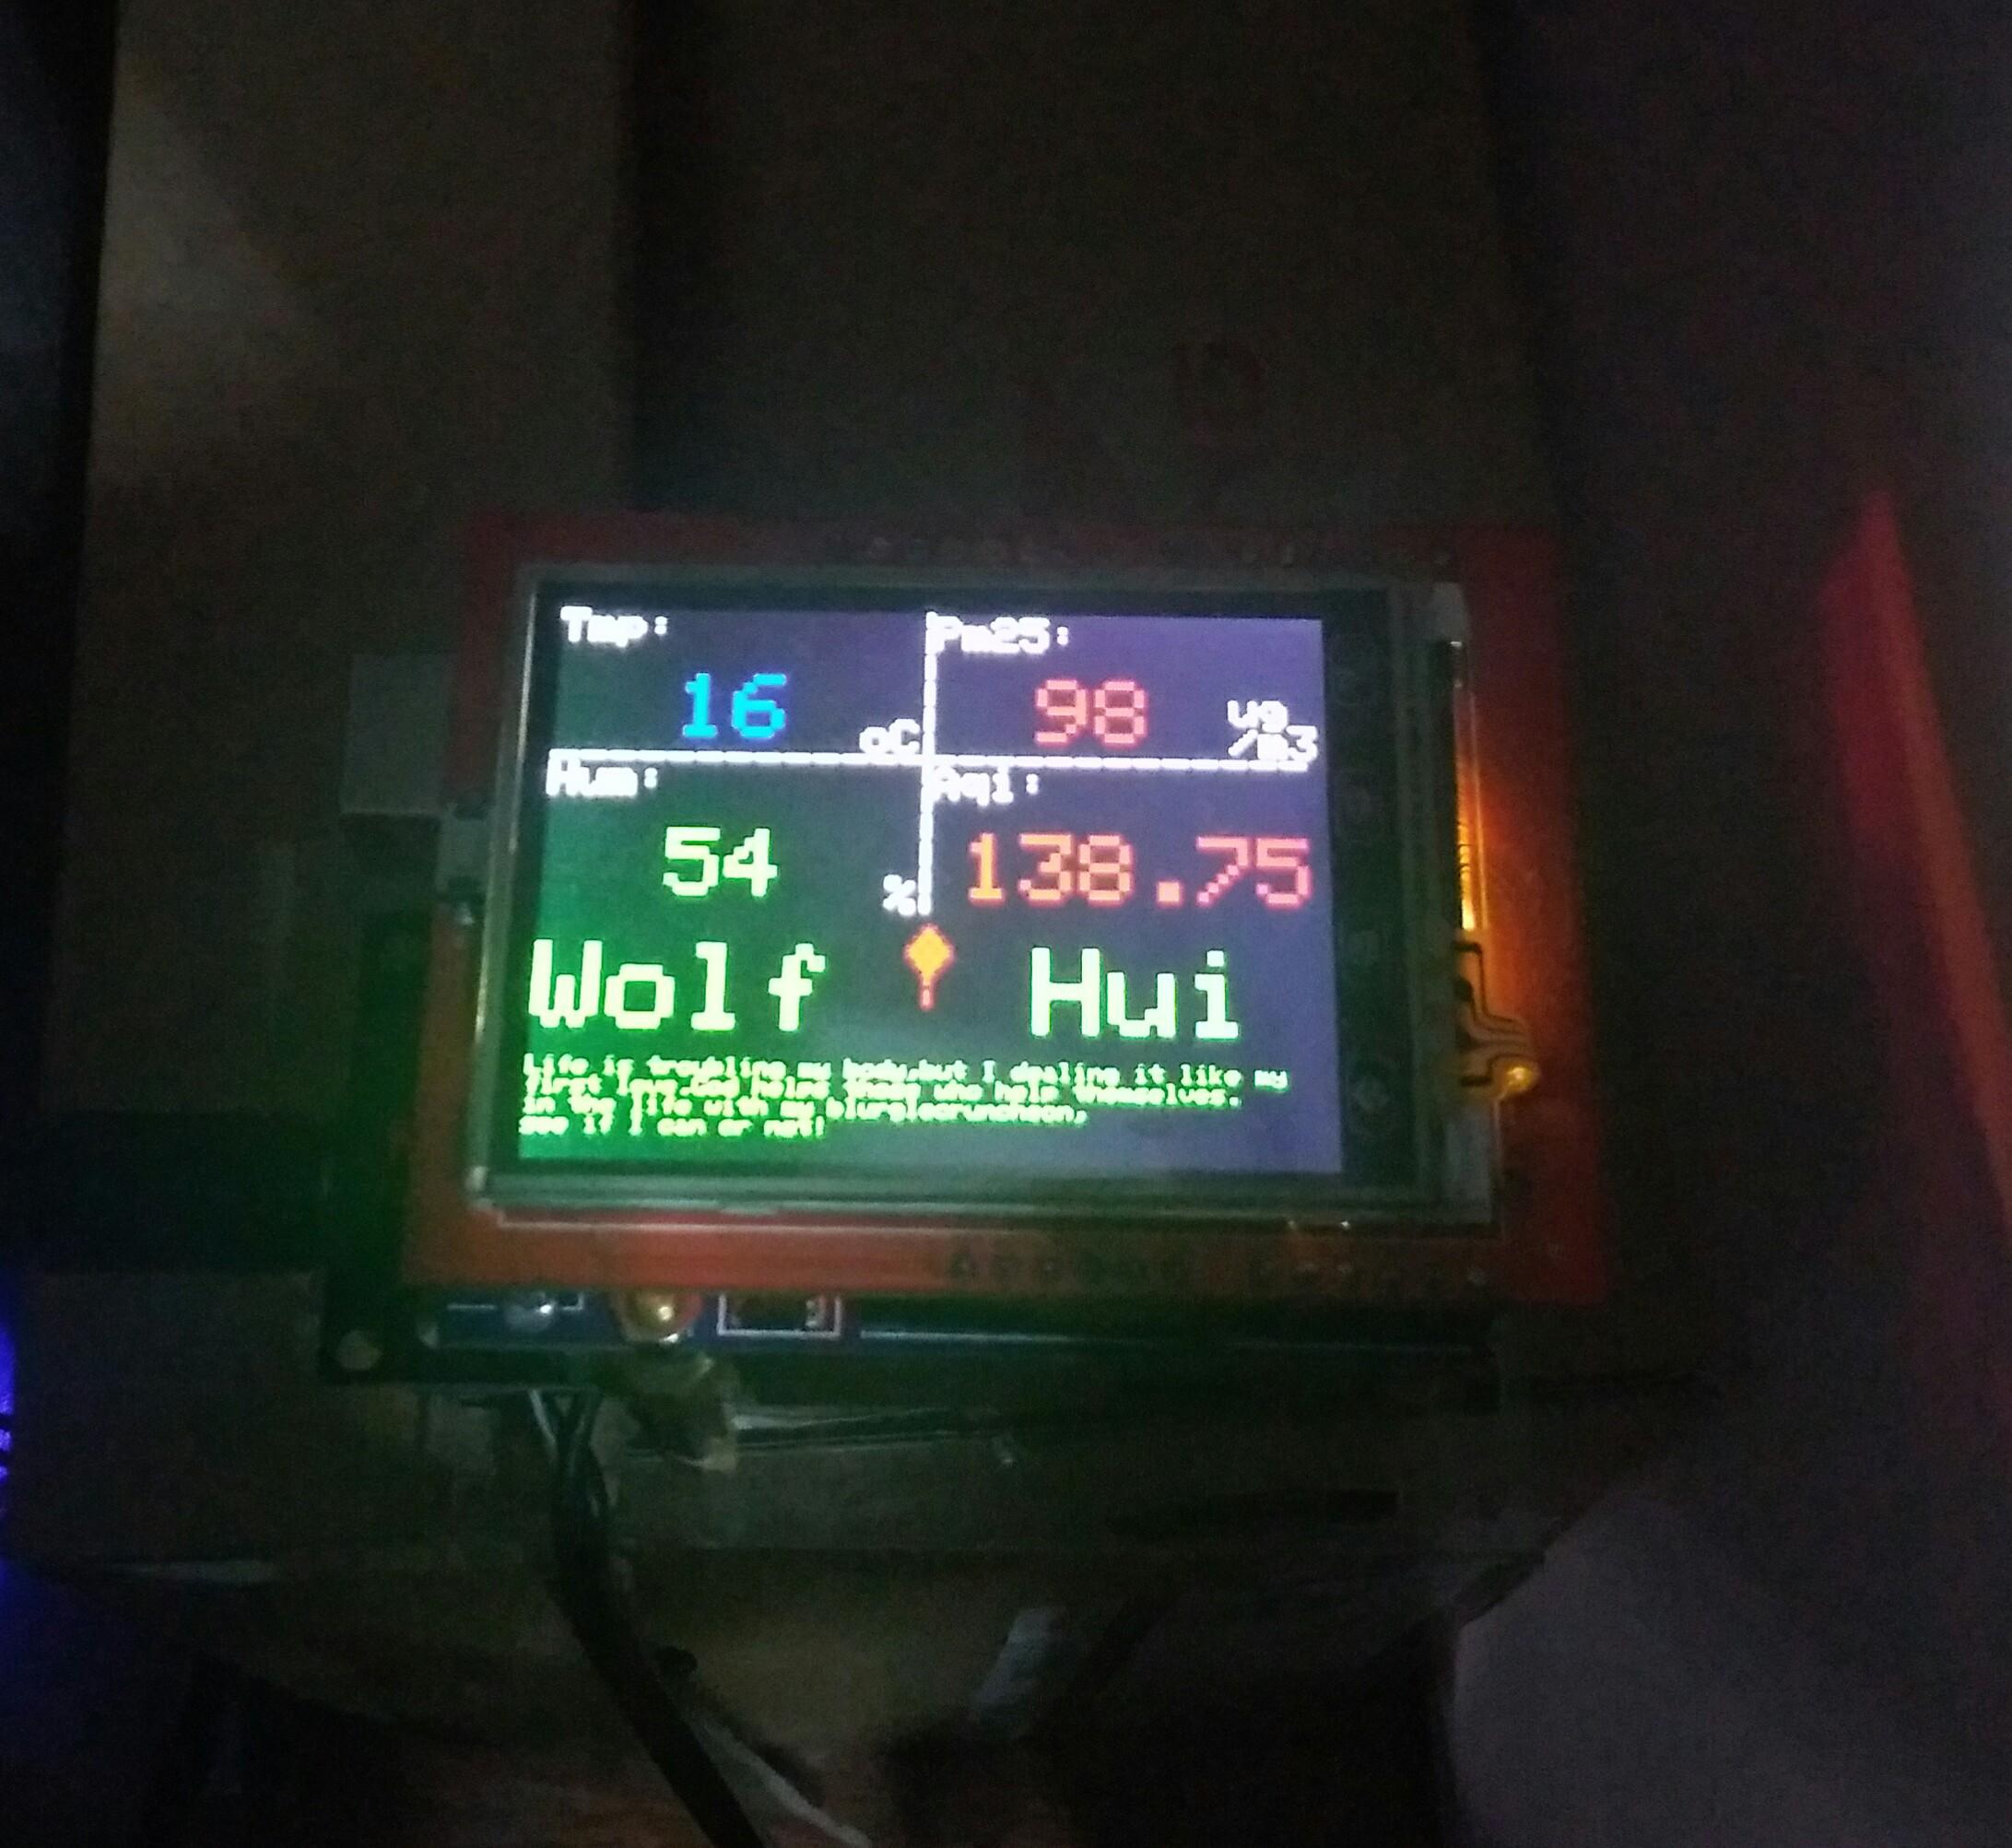 第一个arduino uno见笑 acg激光传感,dht11,3.2寸tft显示屏